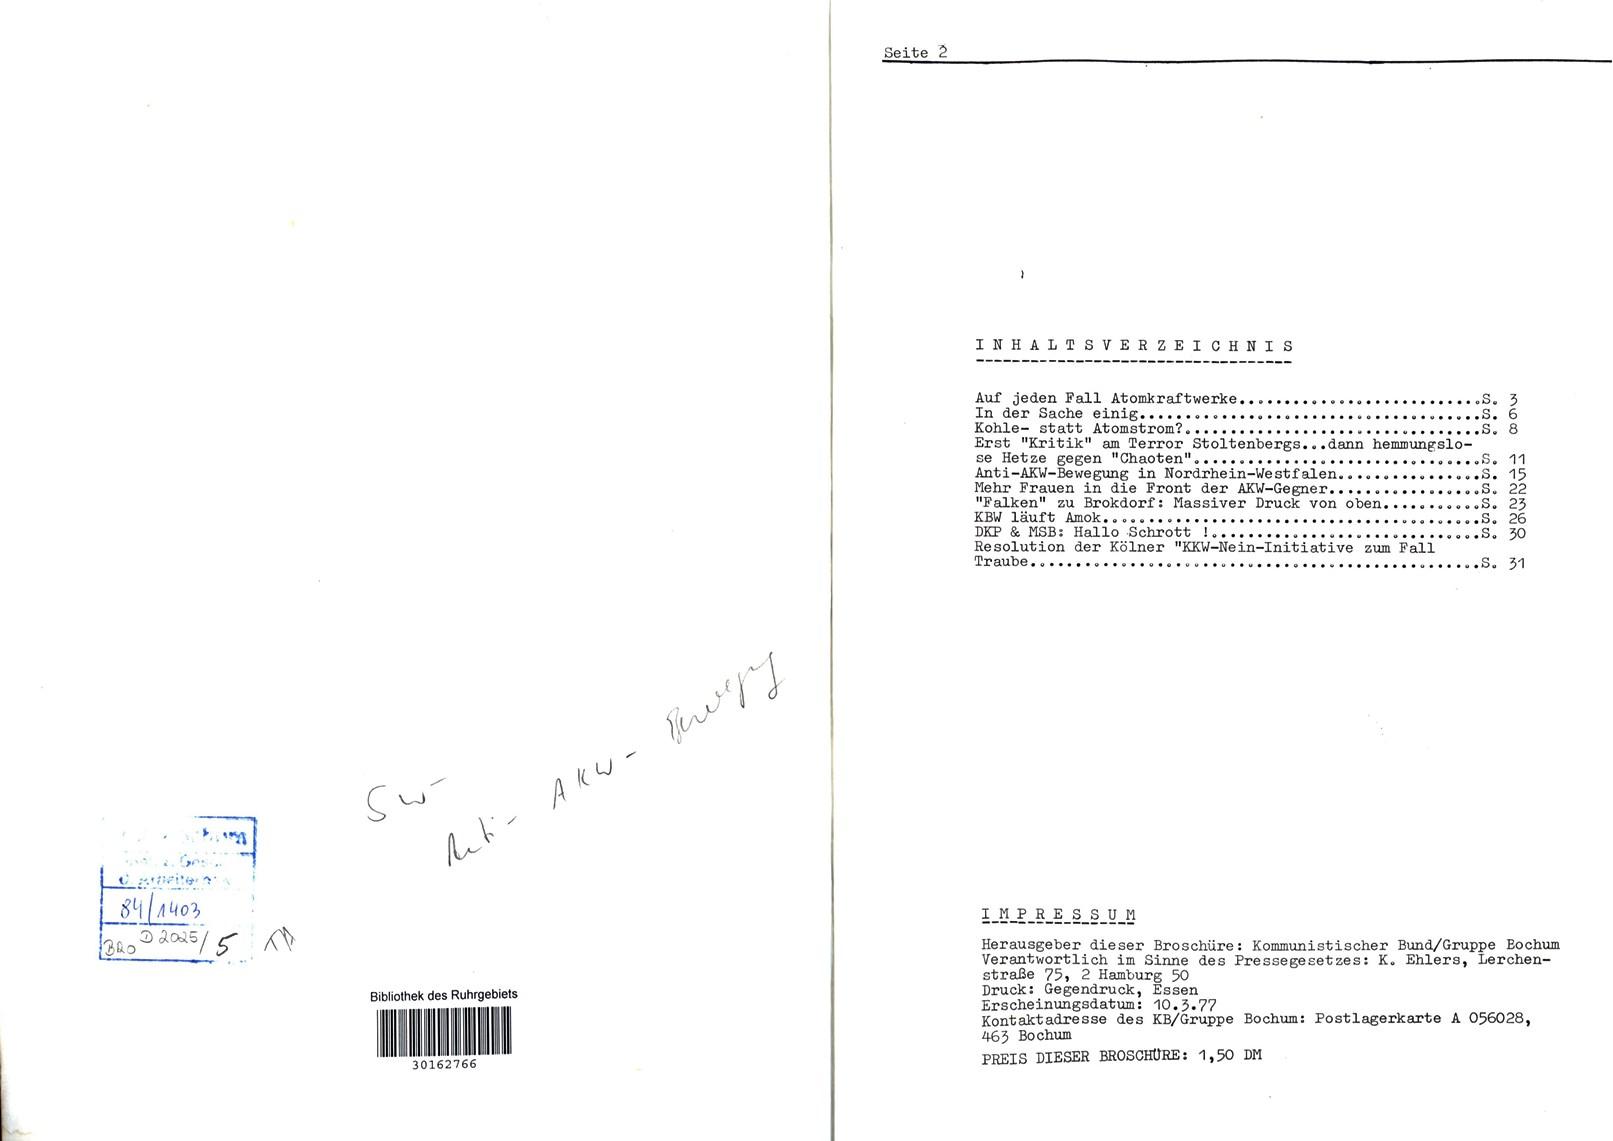 Bochum_KB_1977_Kein_AKW_in_NRW_02